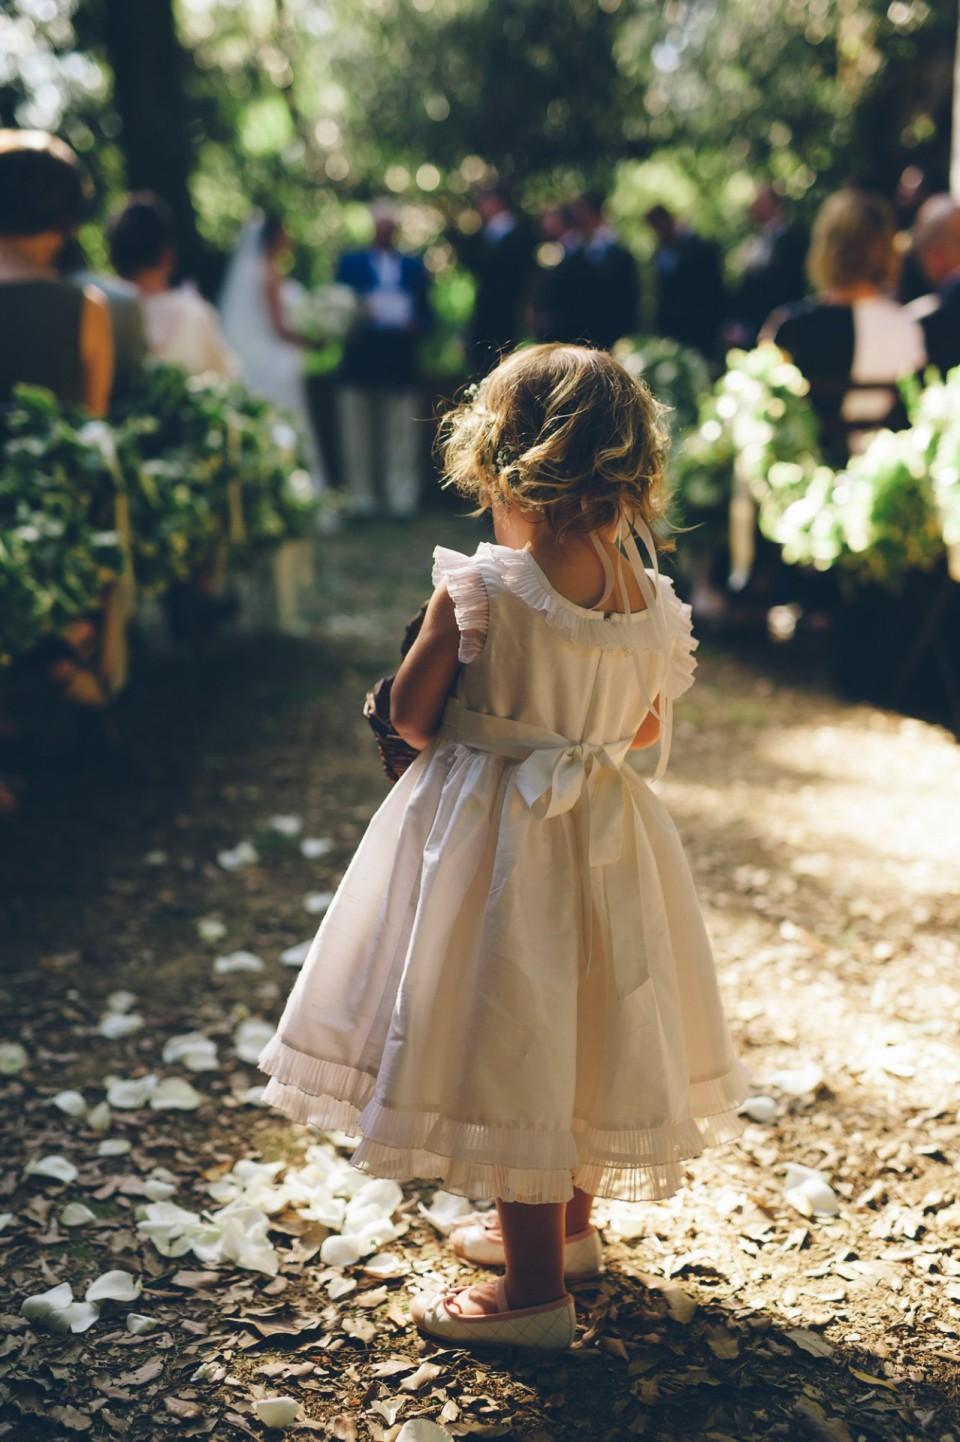 Девочка на свадьбе. Свадебная мода 2016.